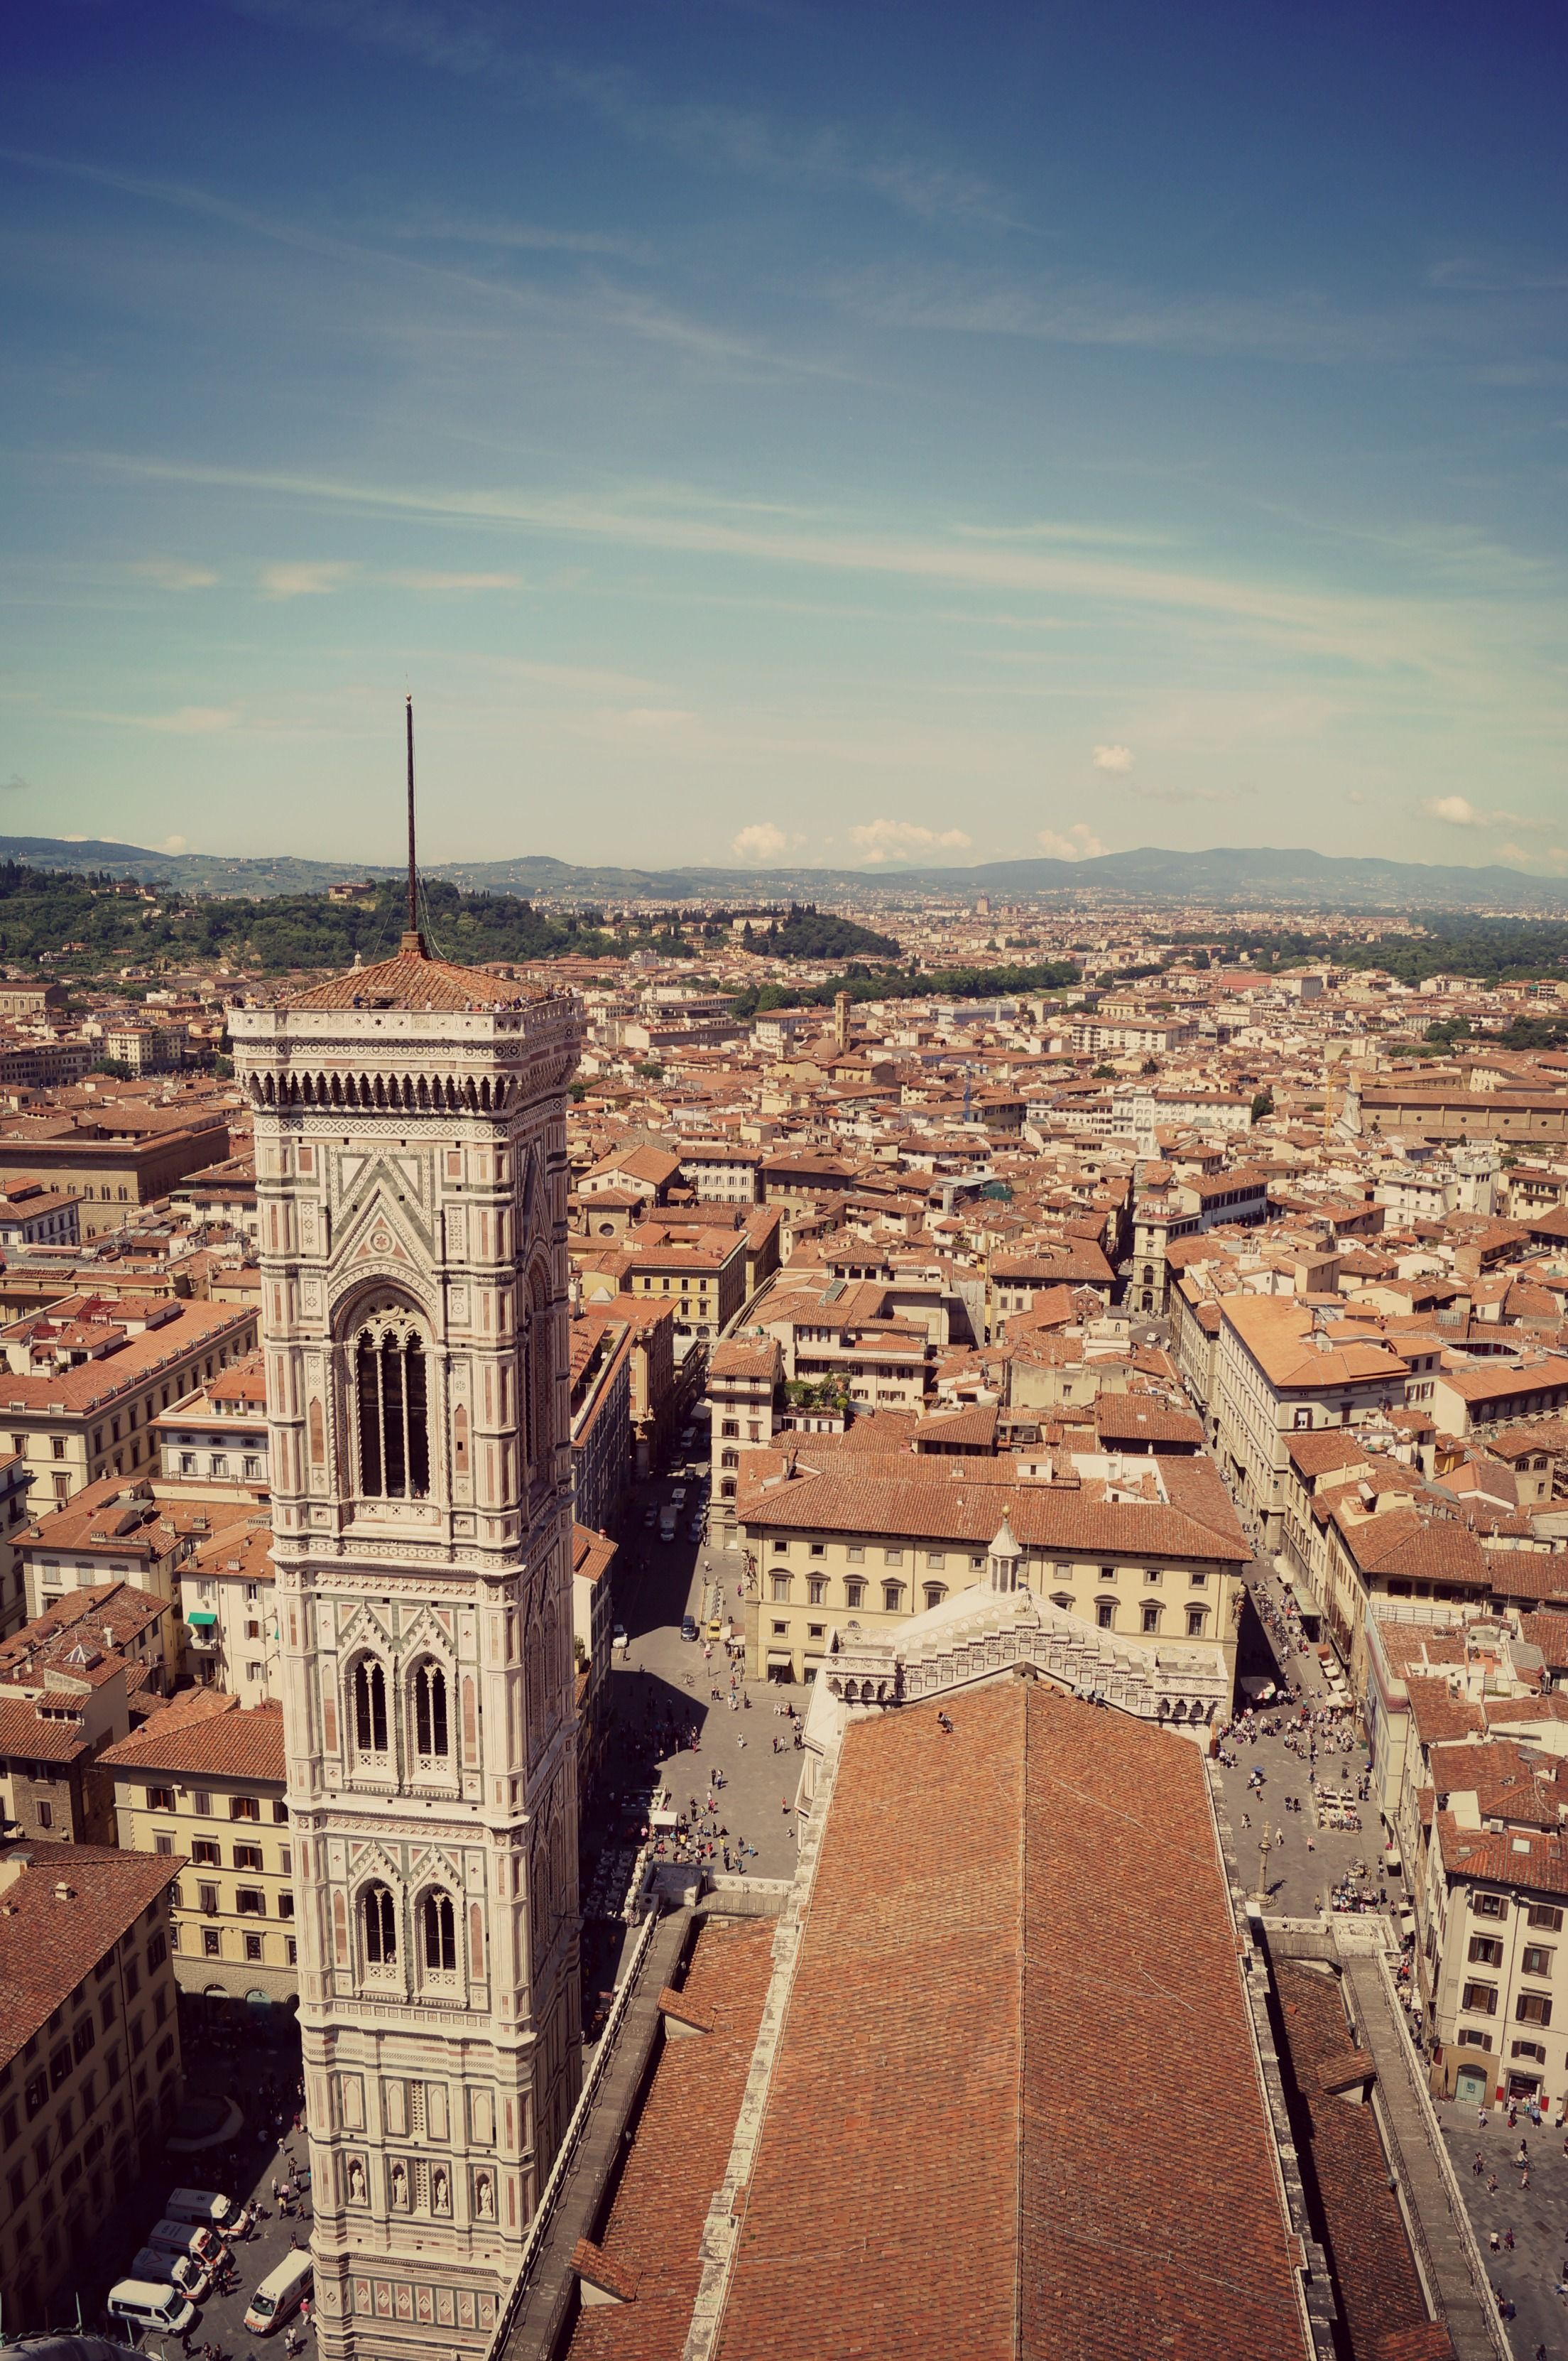 Vue du dôme de la cathédrale de Florence - Italie